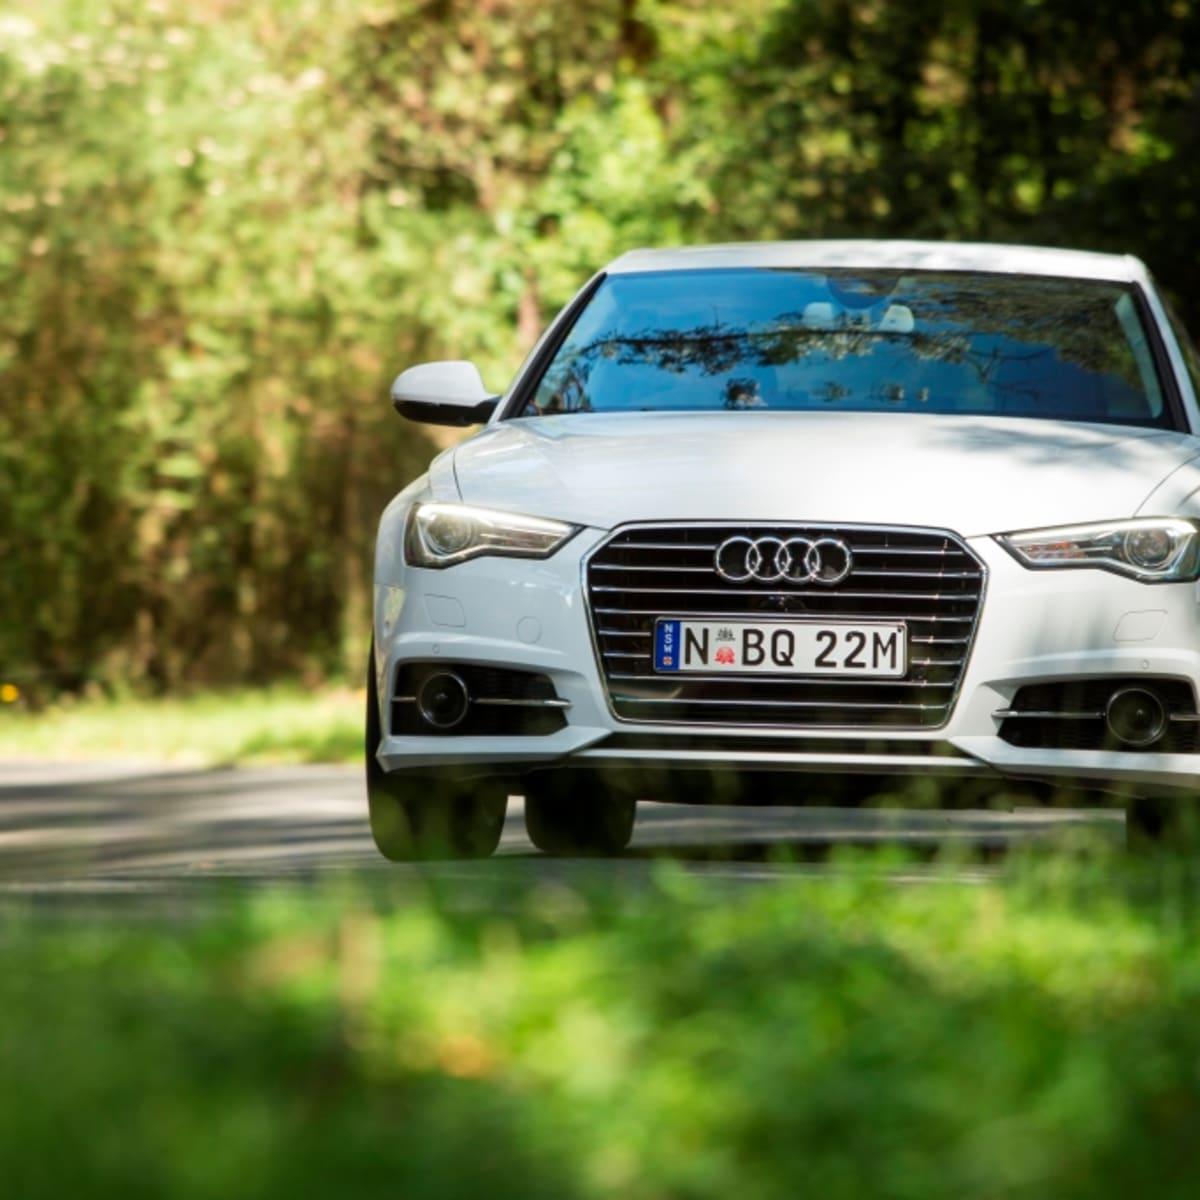 Kelebihan Kekurangan Audi S6 2015 Tangguh